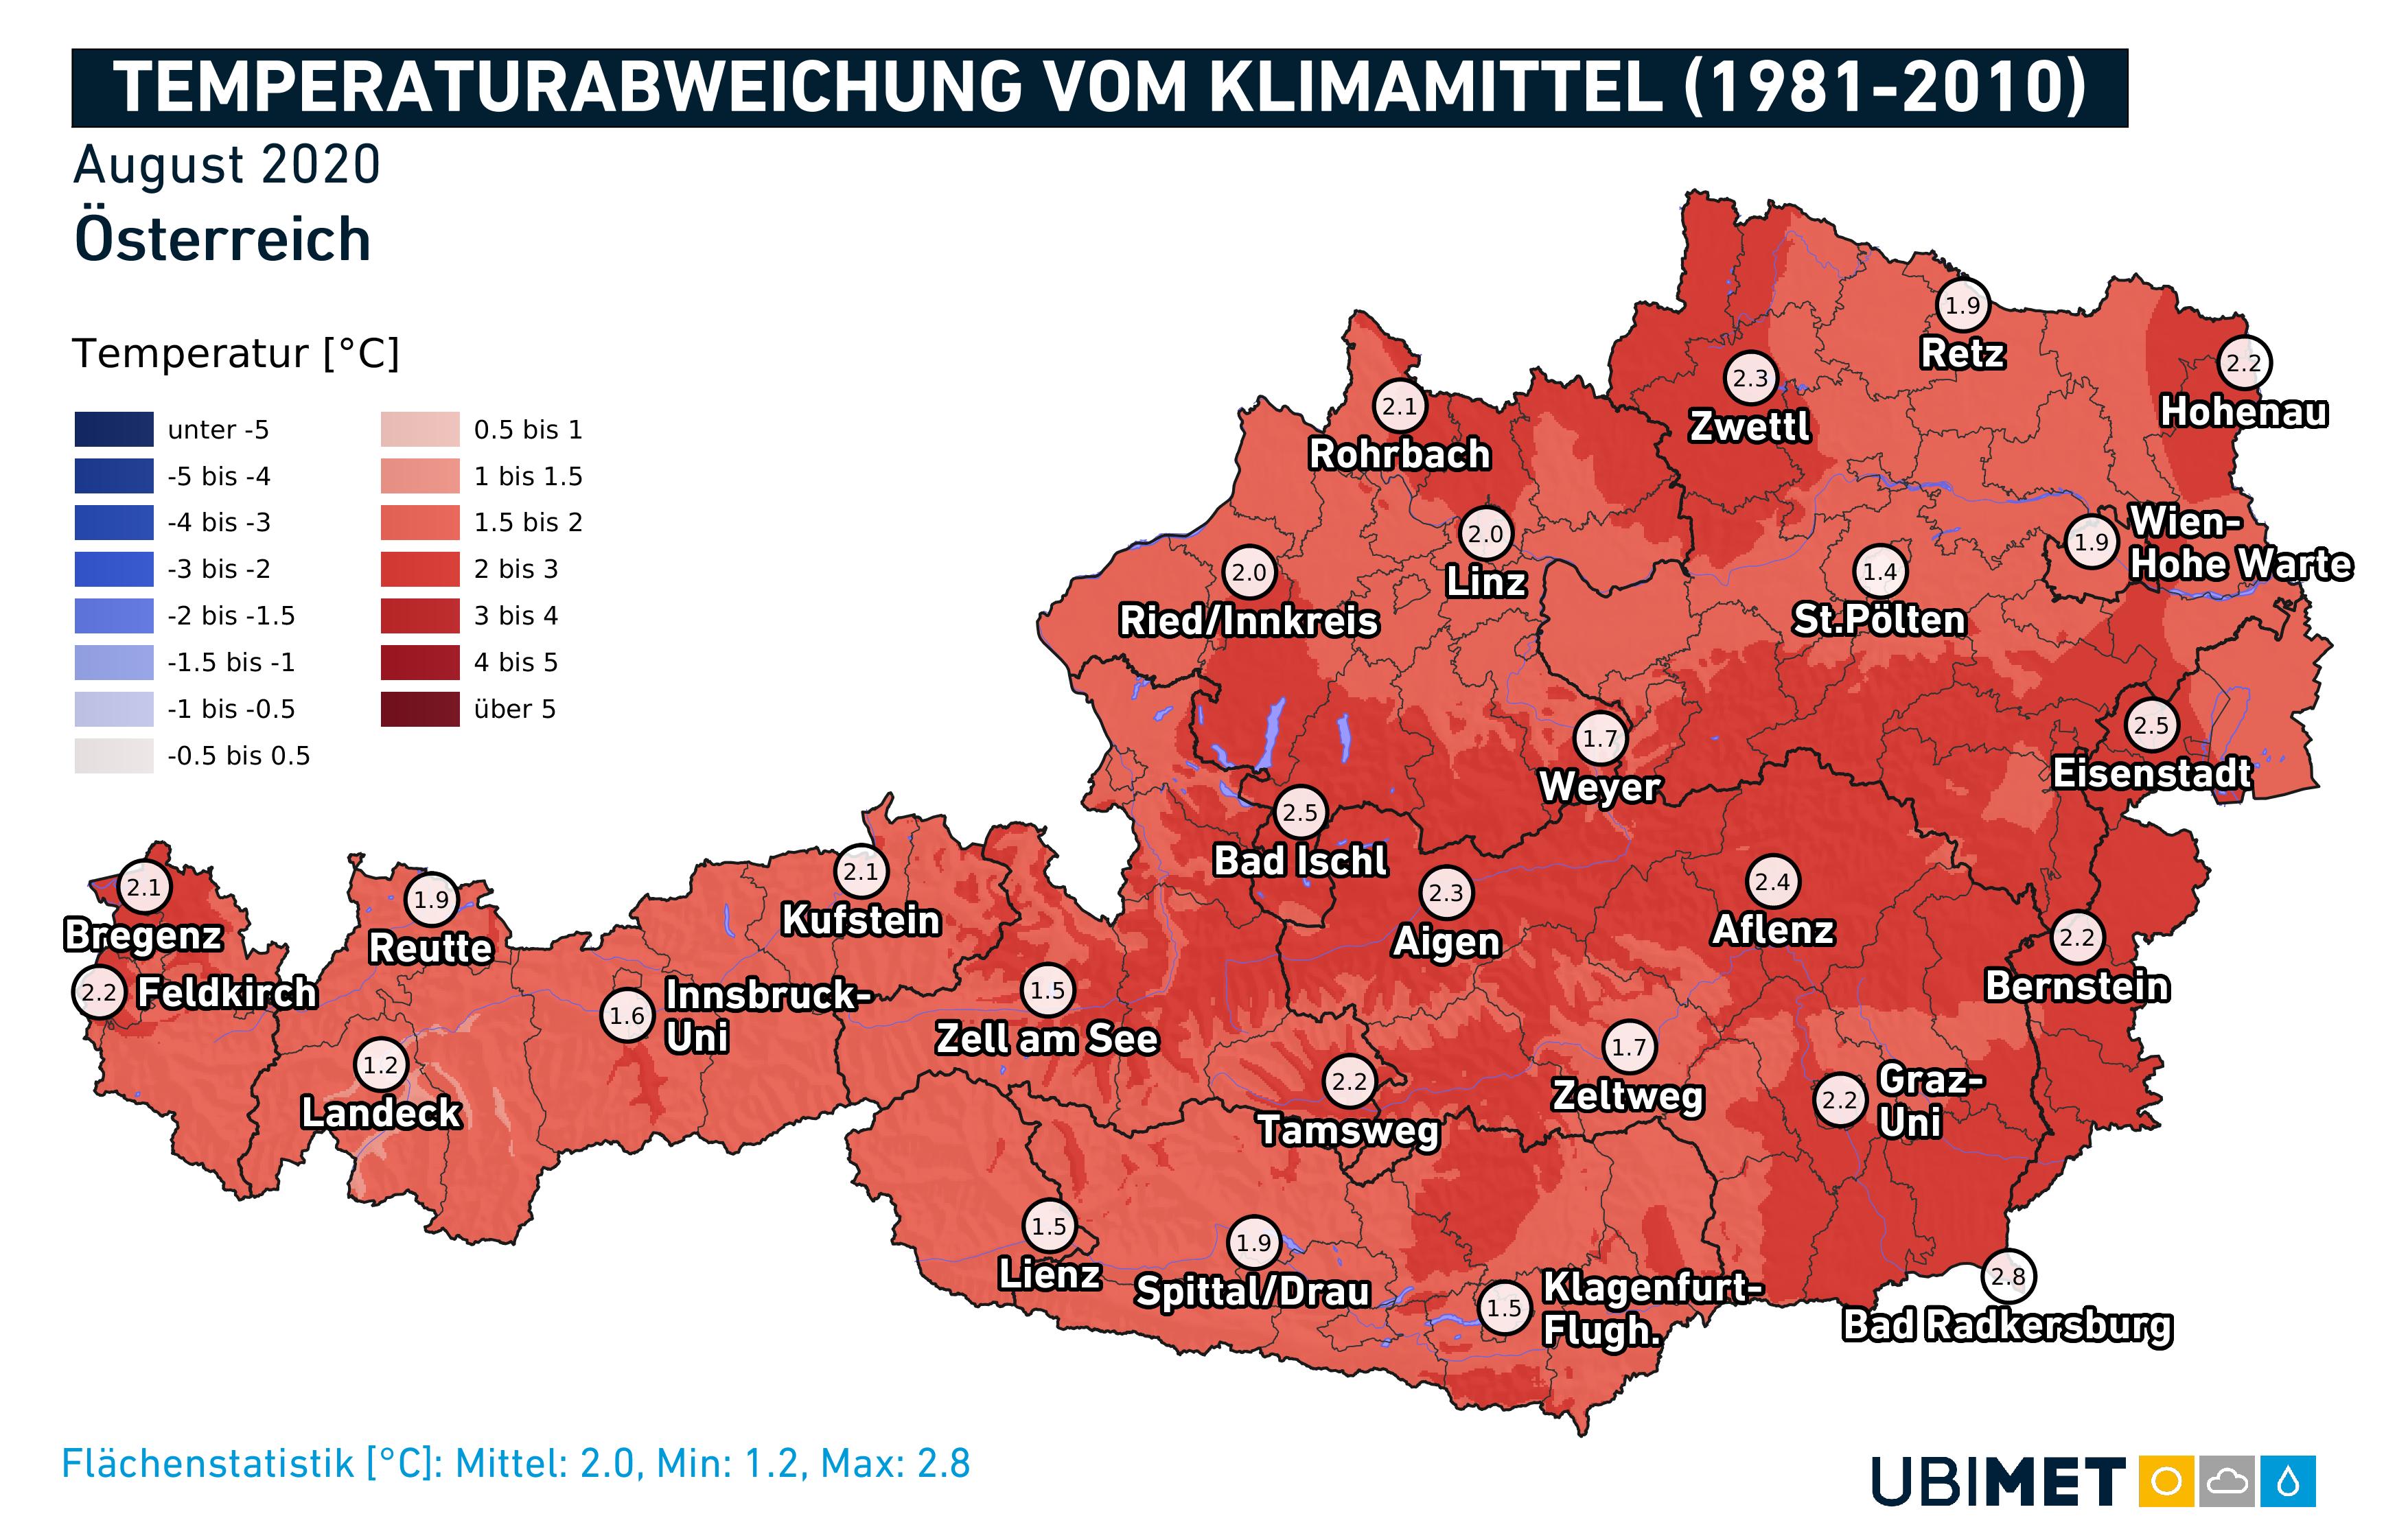 Temperaturabweichung-vom-Klimamittel-1981-2010